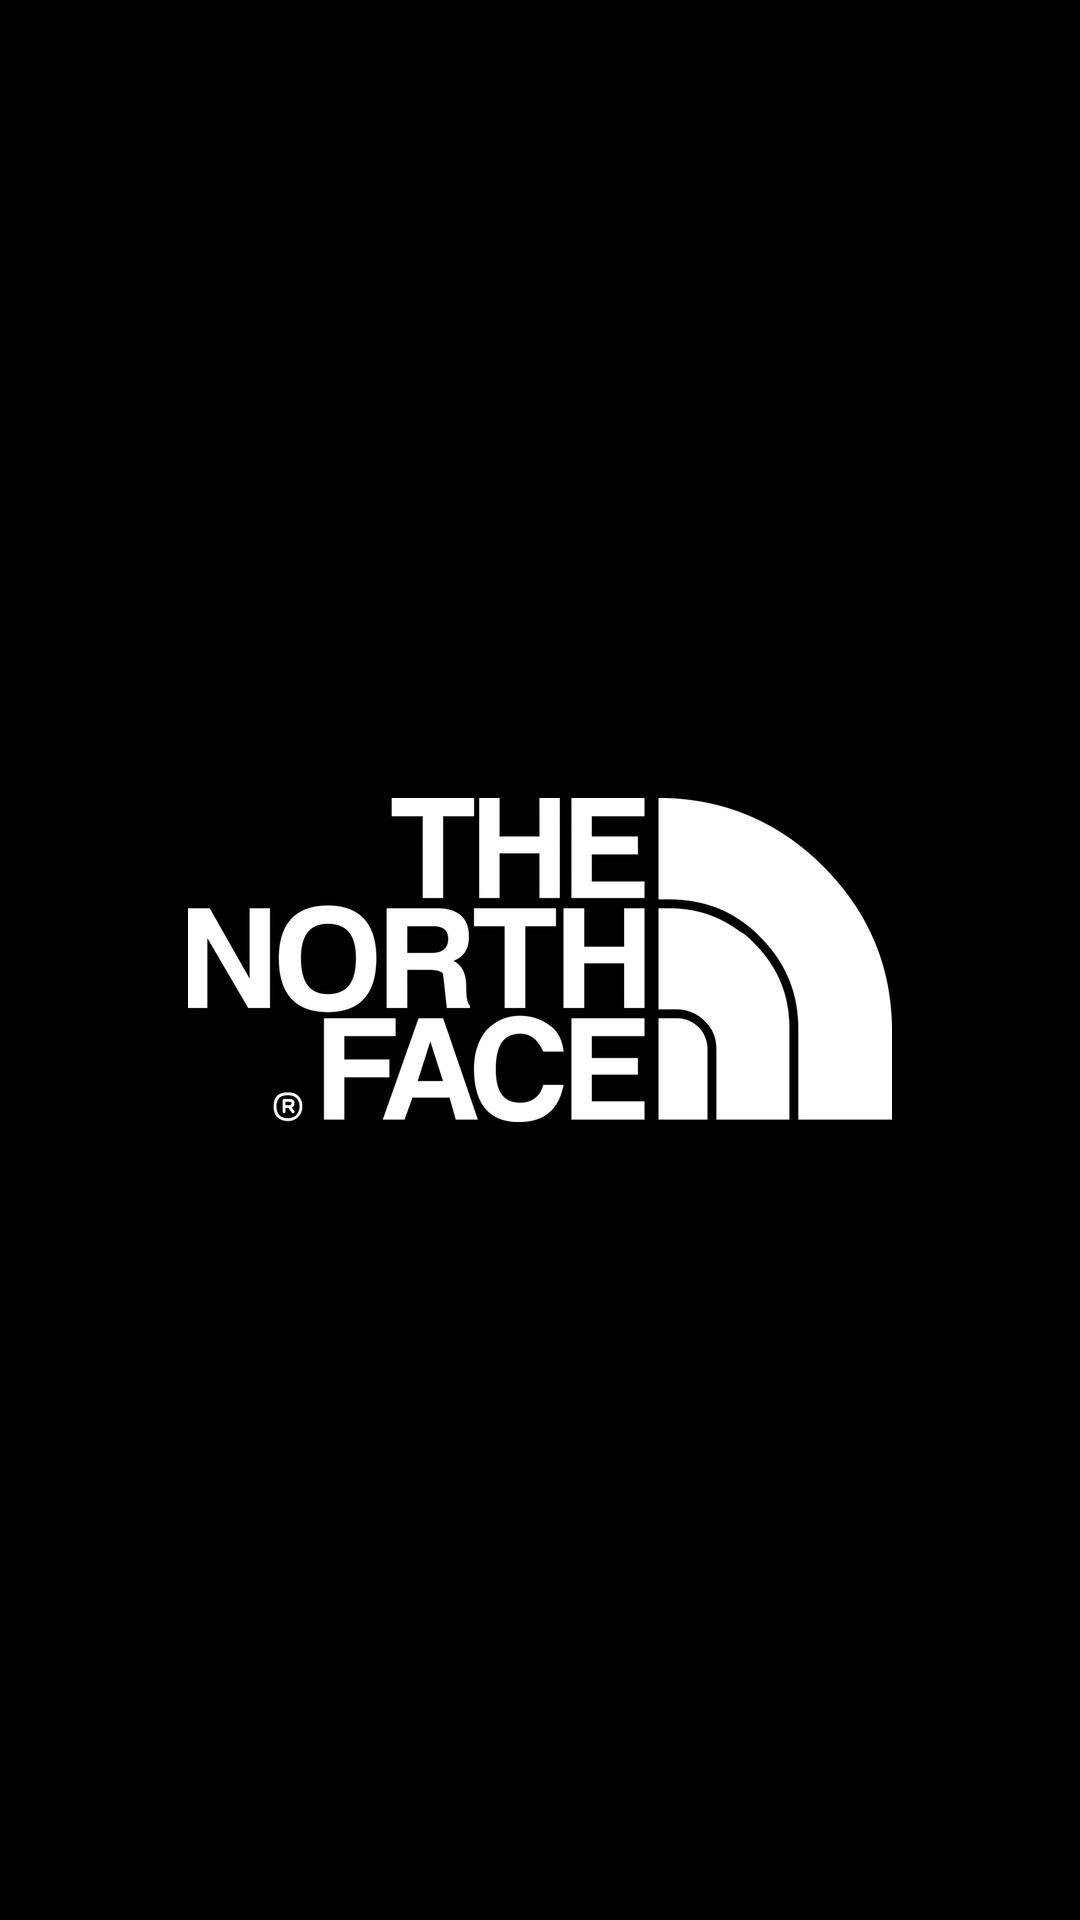 ザ ノース フェイス The North Face12 スマホ 壁紙 黒 ロゴ 壁紙